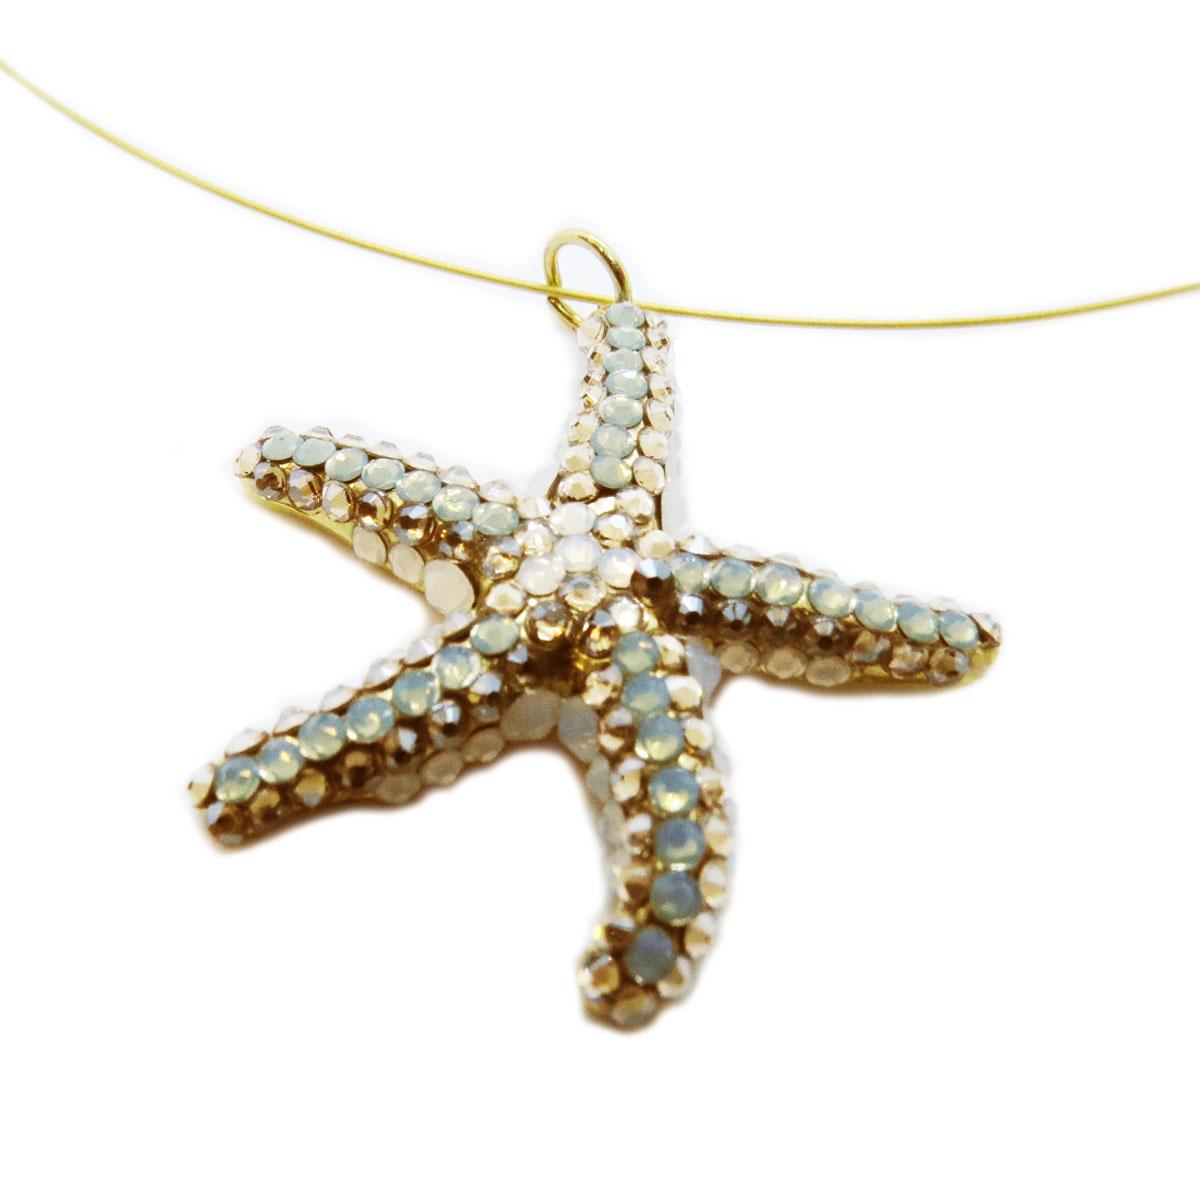 <A MODIFIER> Collier artisanal \'Athena\' vert beige doré (étoile des mers)  - 35x35 mm - [R4733]